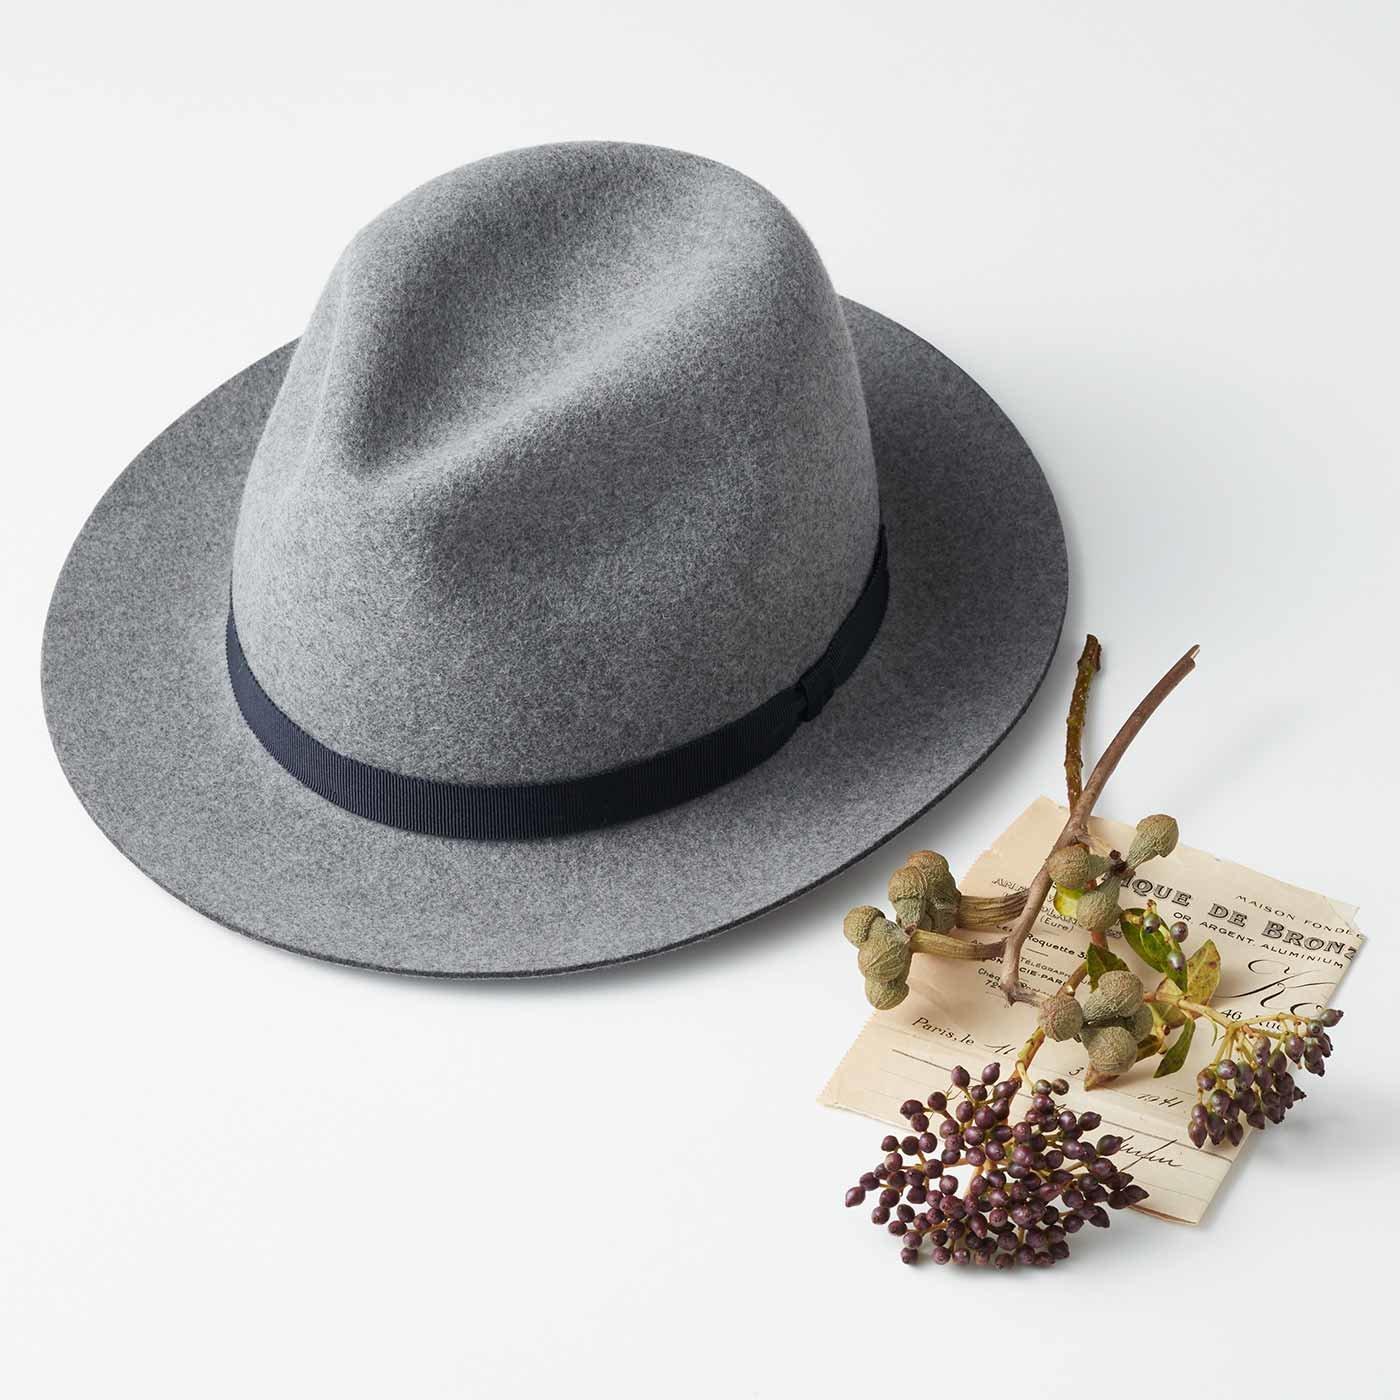 海を渡って届いた 夢の職人仕立て ポルトガルフェルト帽子〈シルバーグレー〉[帽子:日本製]